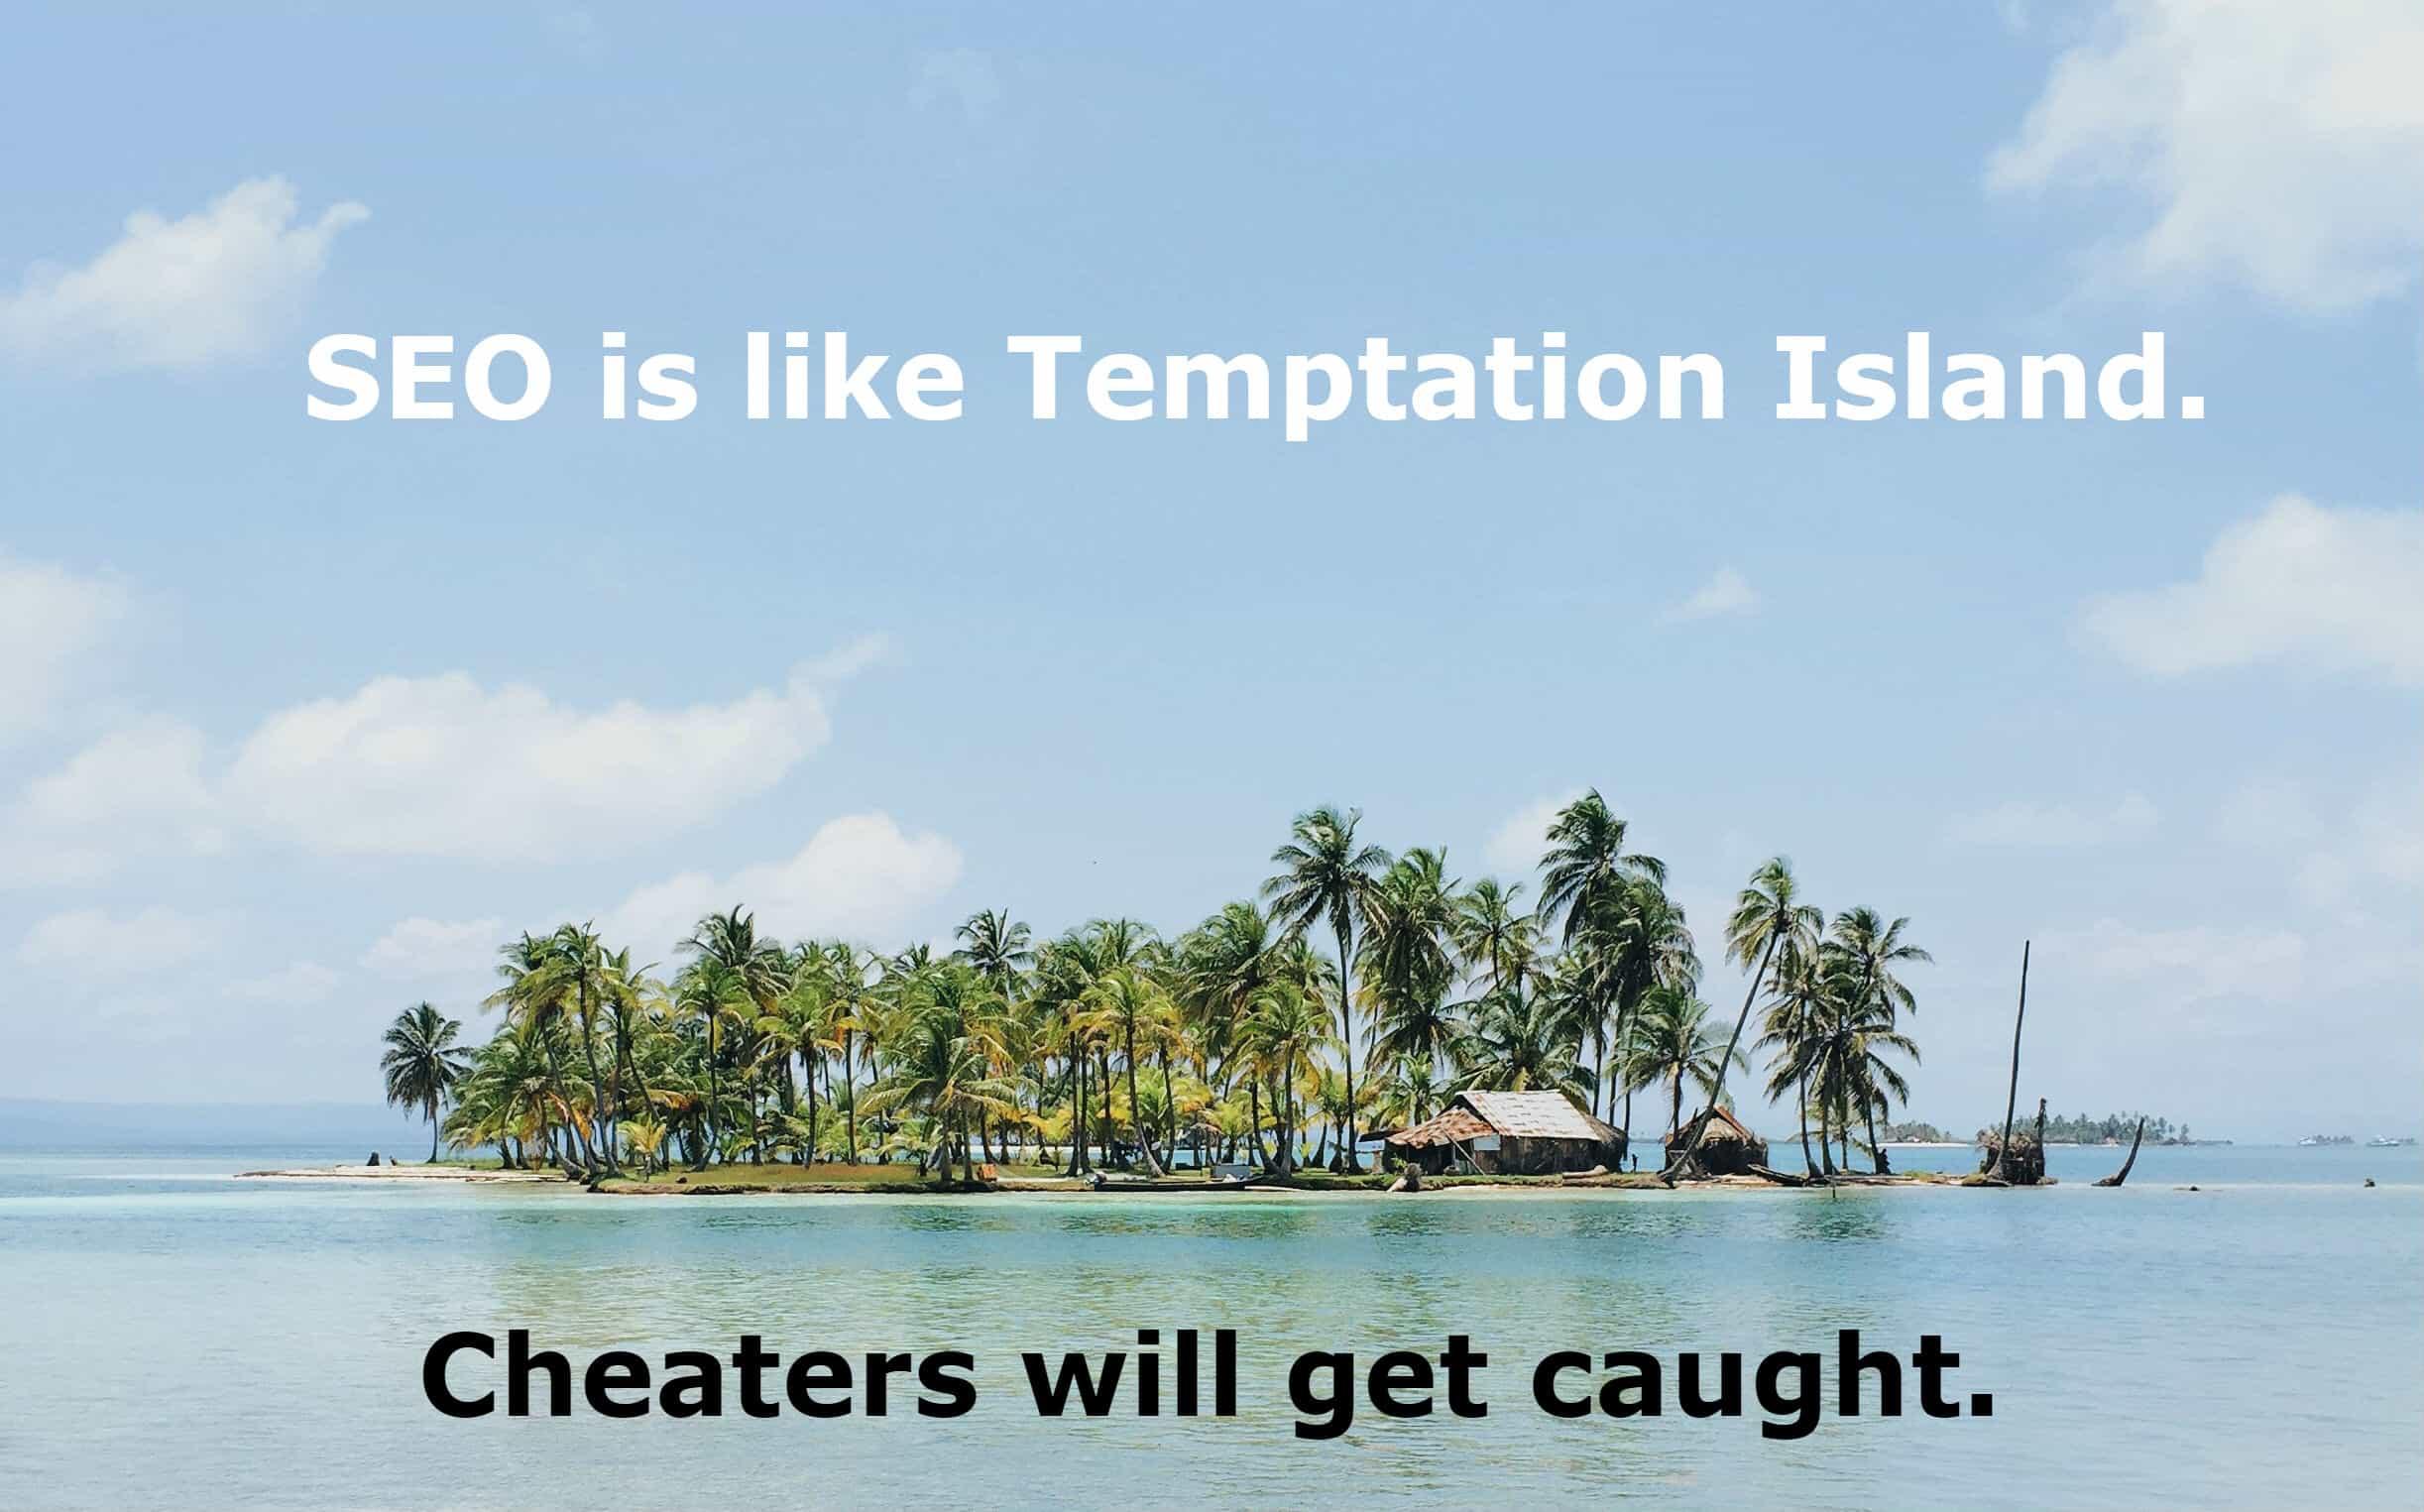 SEO is like Temptation Island